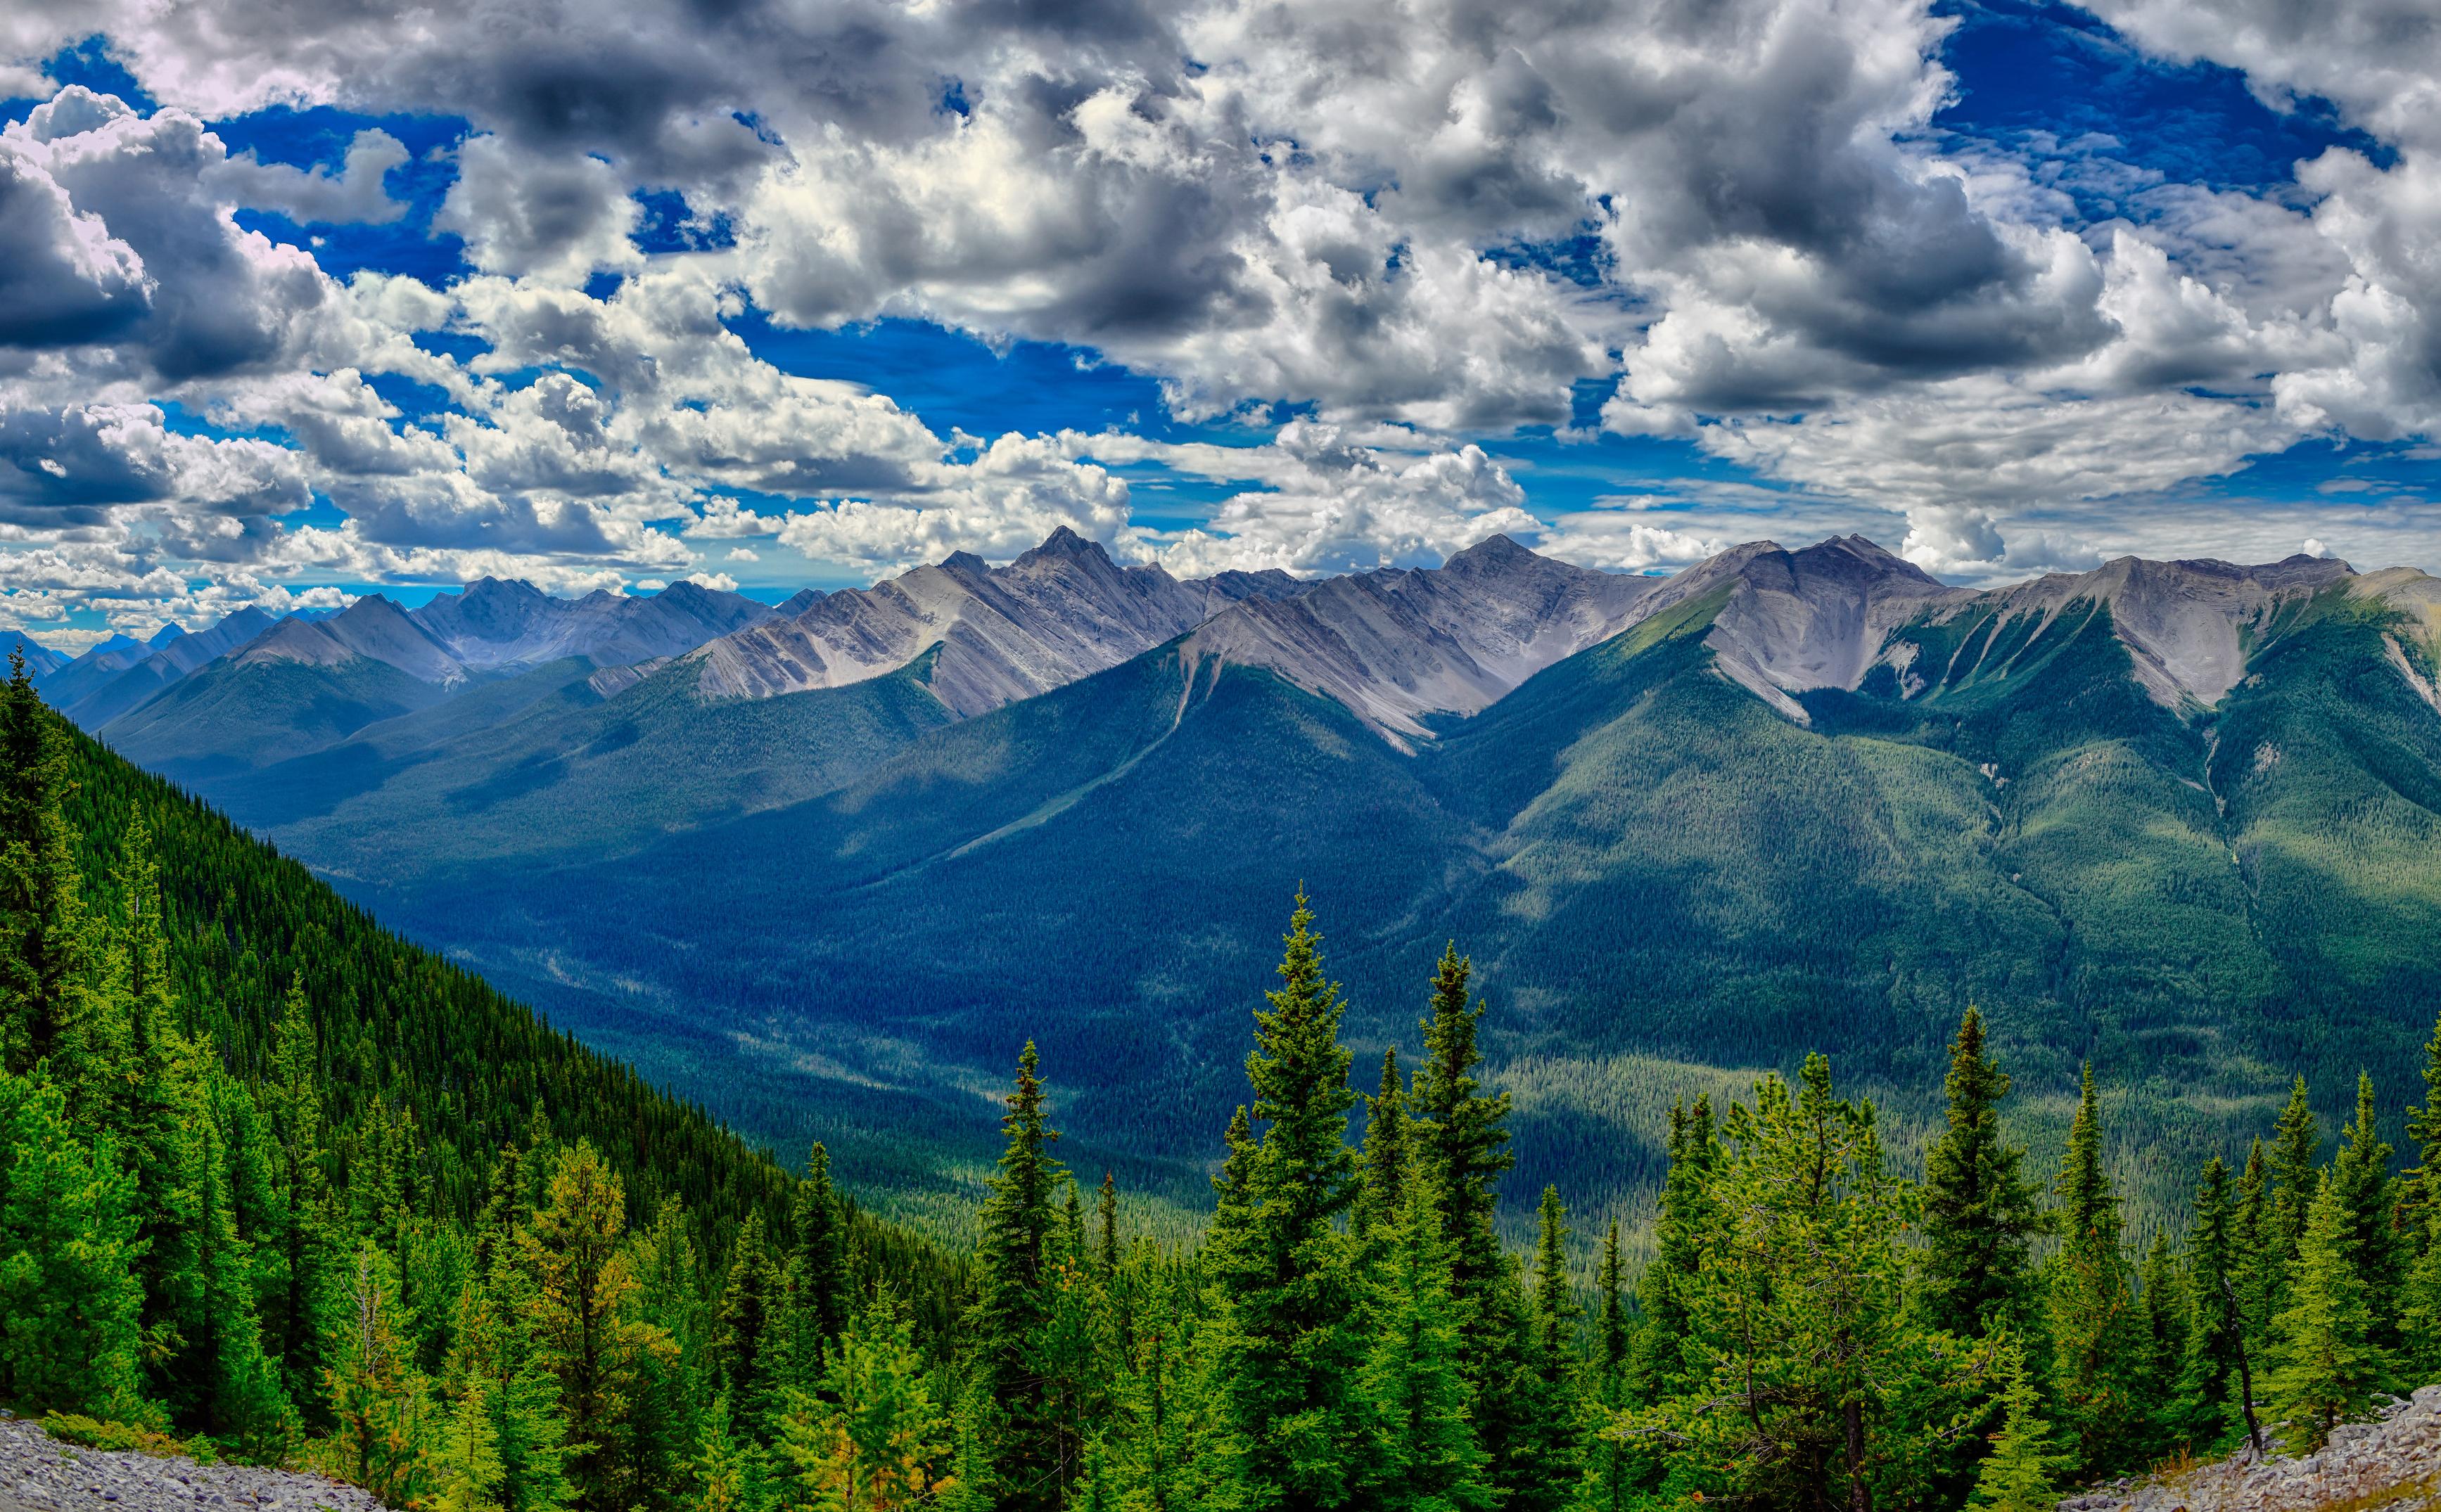 жительница шла красивые картинки гор с облаками самом